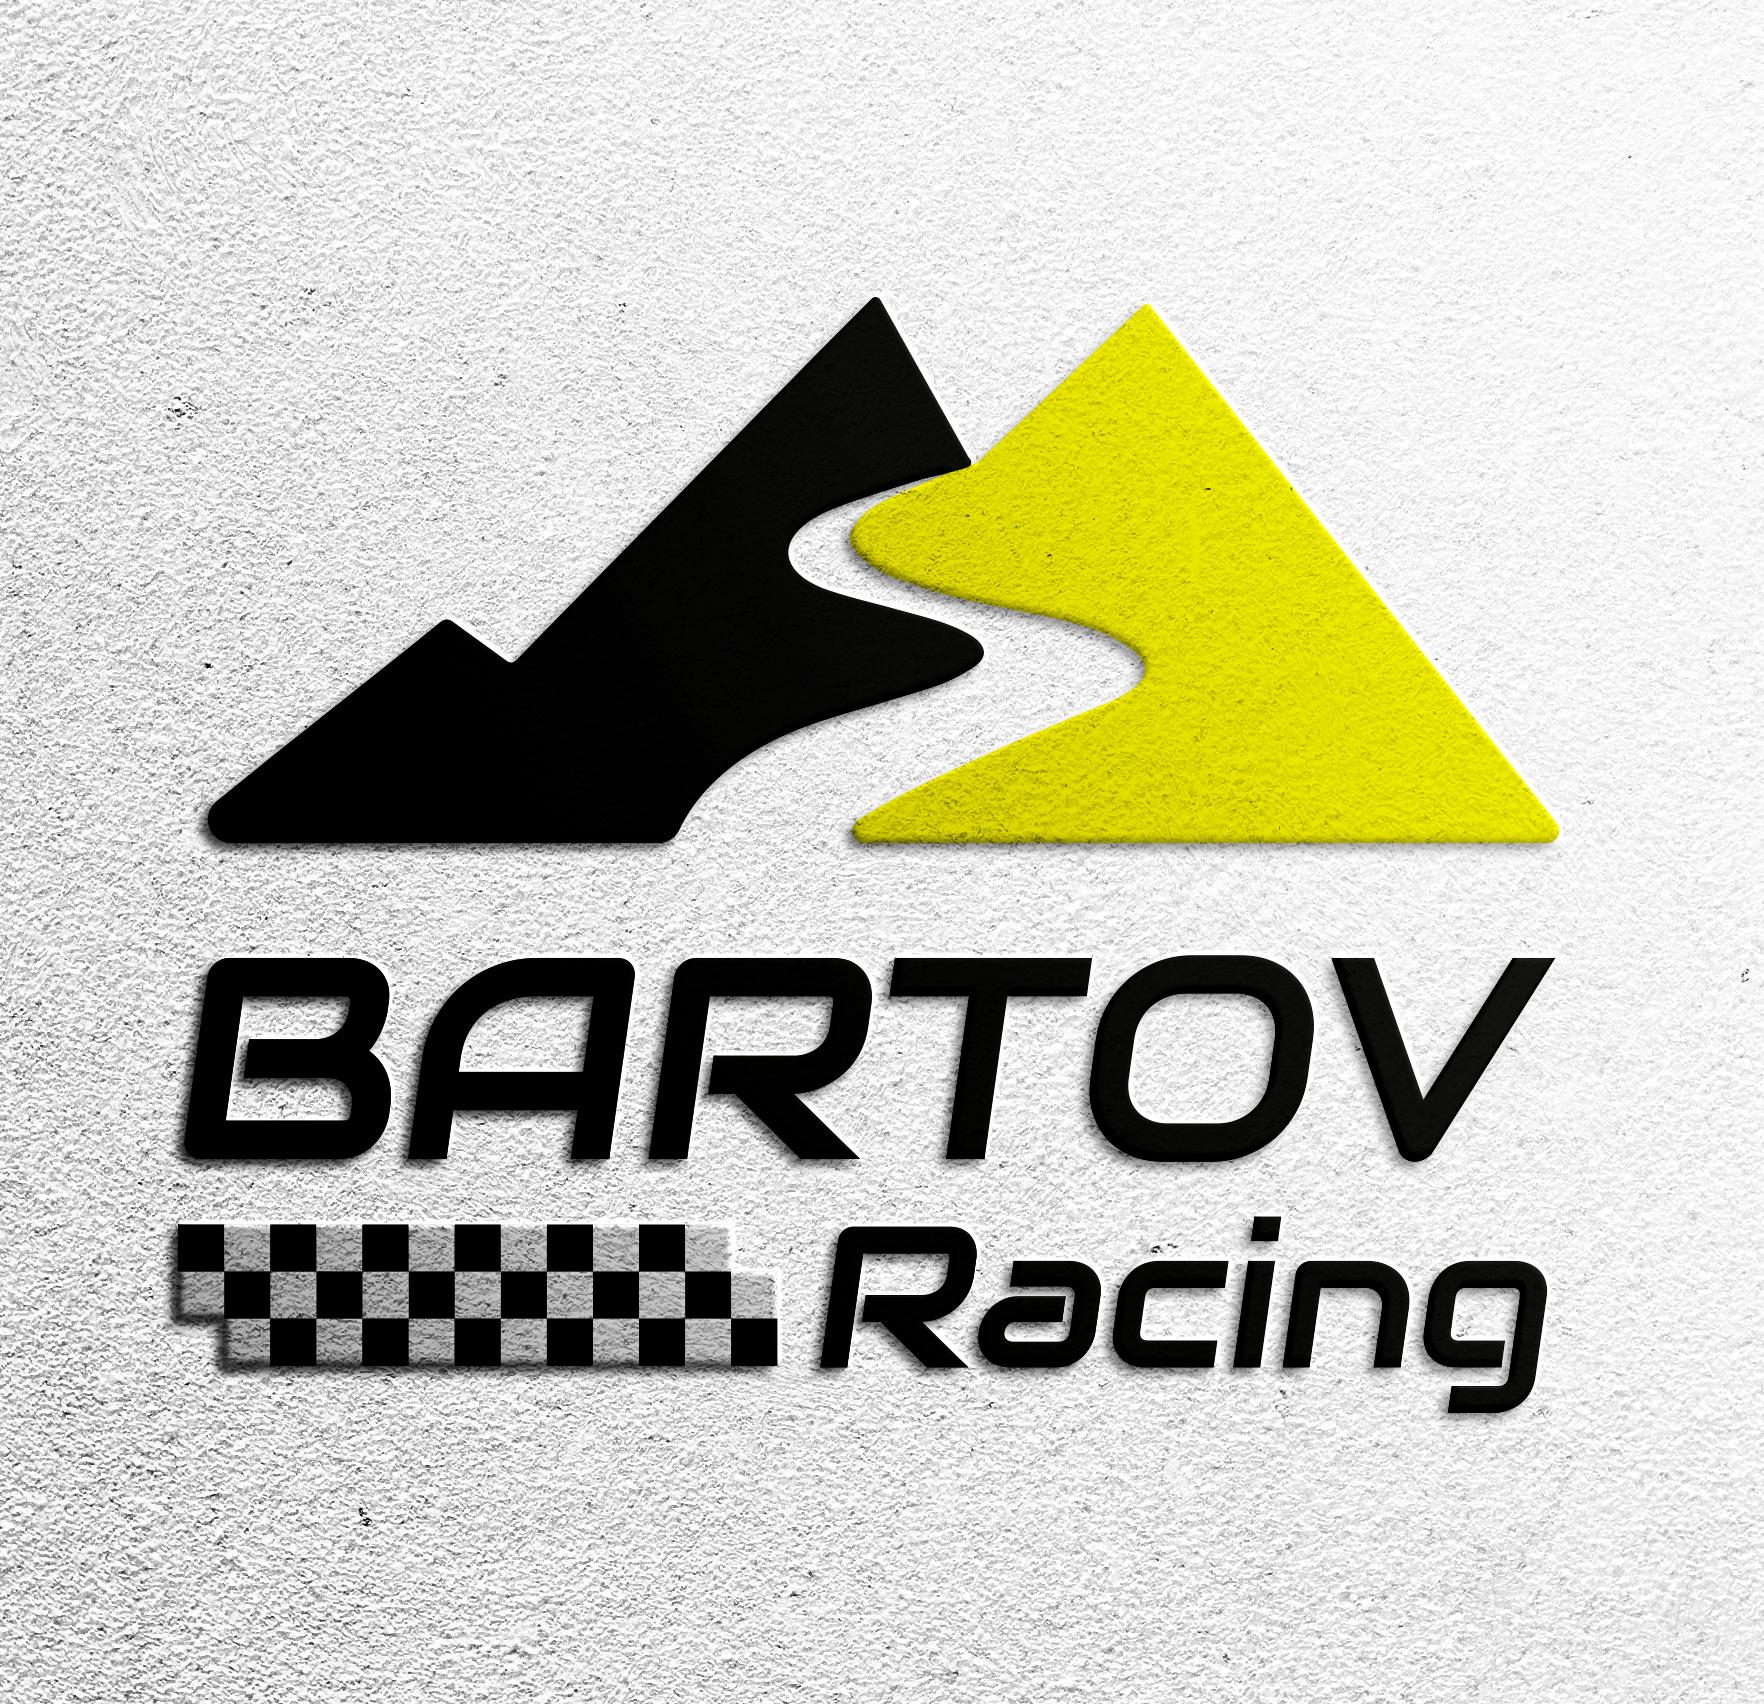 עיצוב לוגו רועי ברטוב לטובת מיתוג קבוצת רכבי מירוץ.